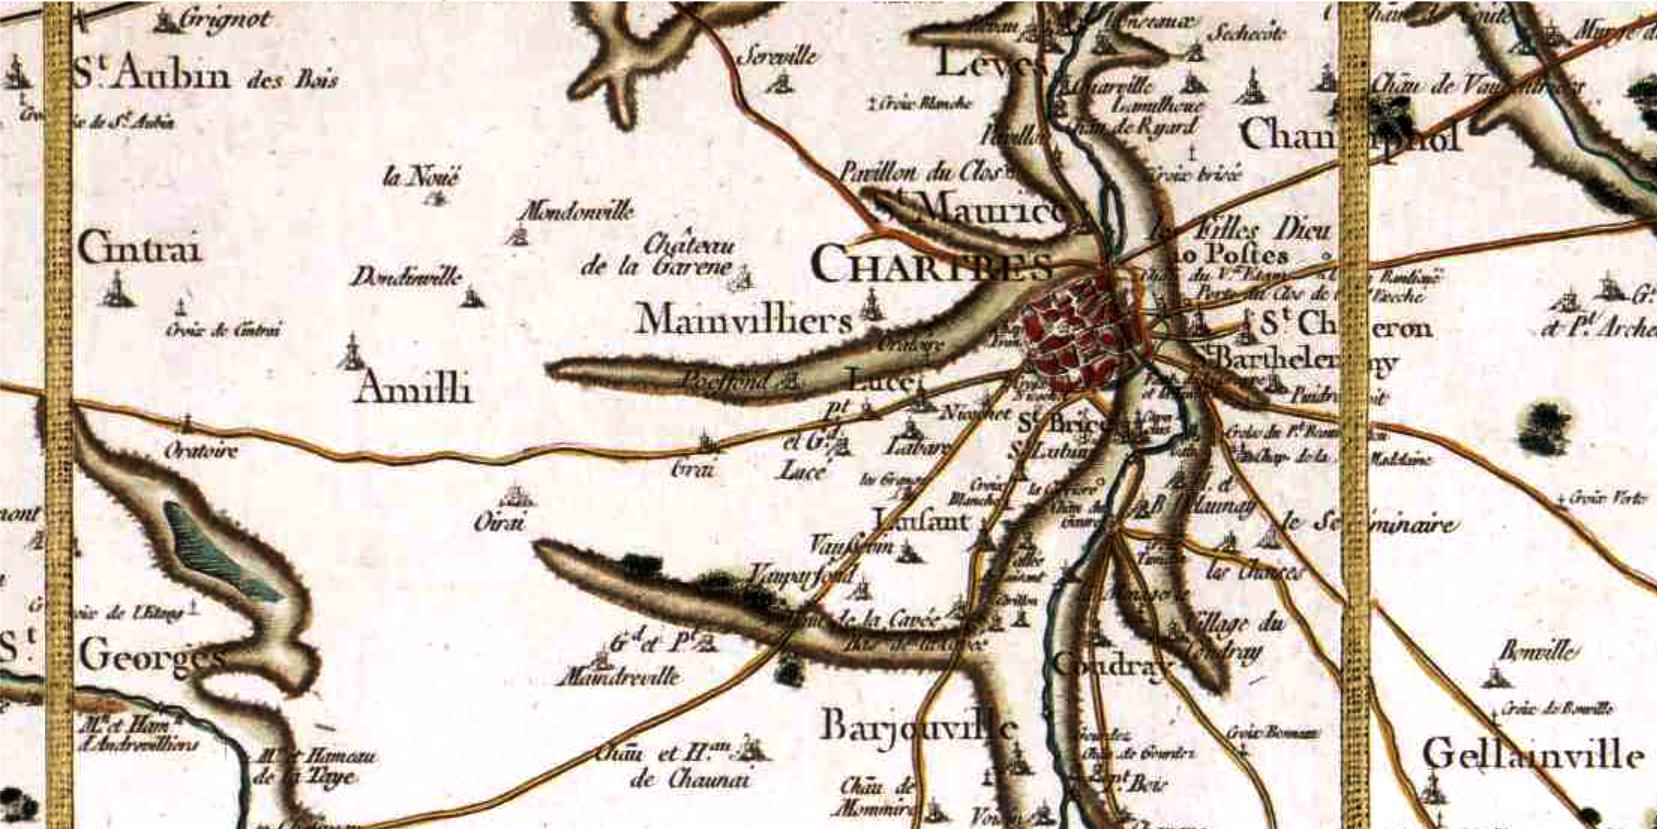 Chartres 28 cassini